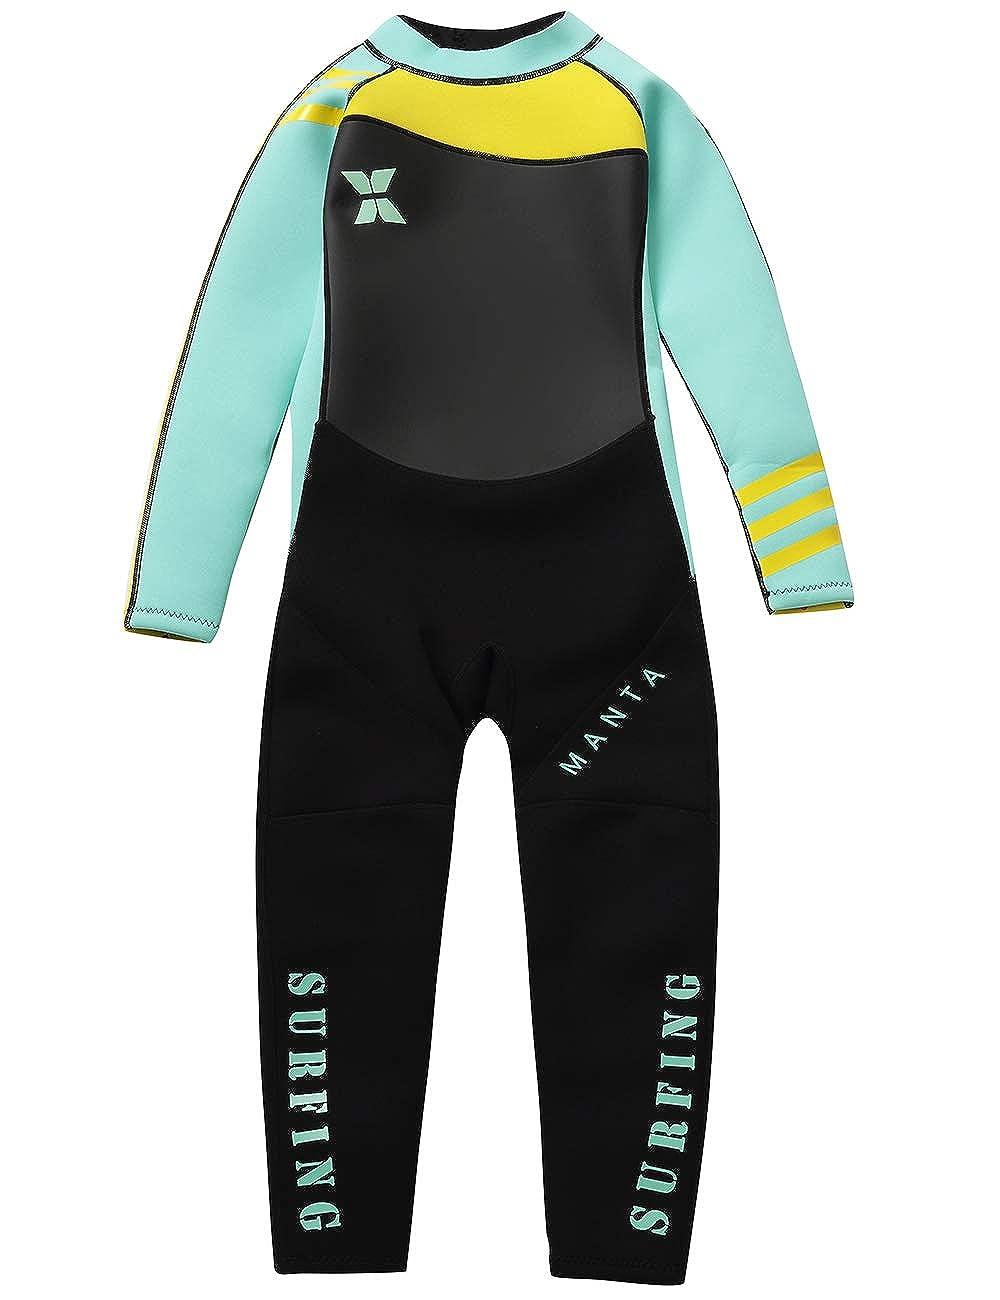 Gogokids Muta Termica per Bambina Bambini Protezione Solare Ragazze Ragazzi Muta da Sub Intero 2.5mm Neoprene per Surf Diving Snorkeling Nuotare UV 50